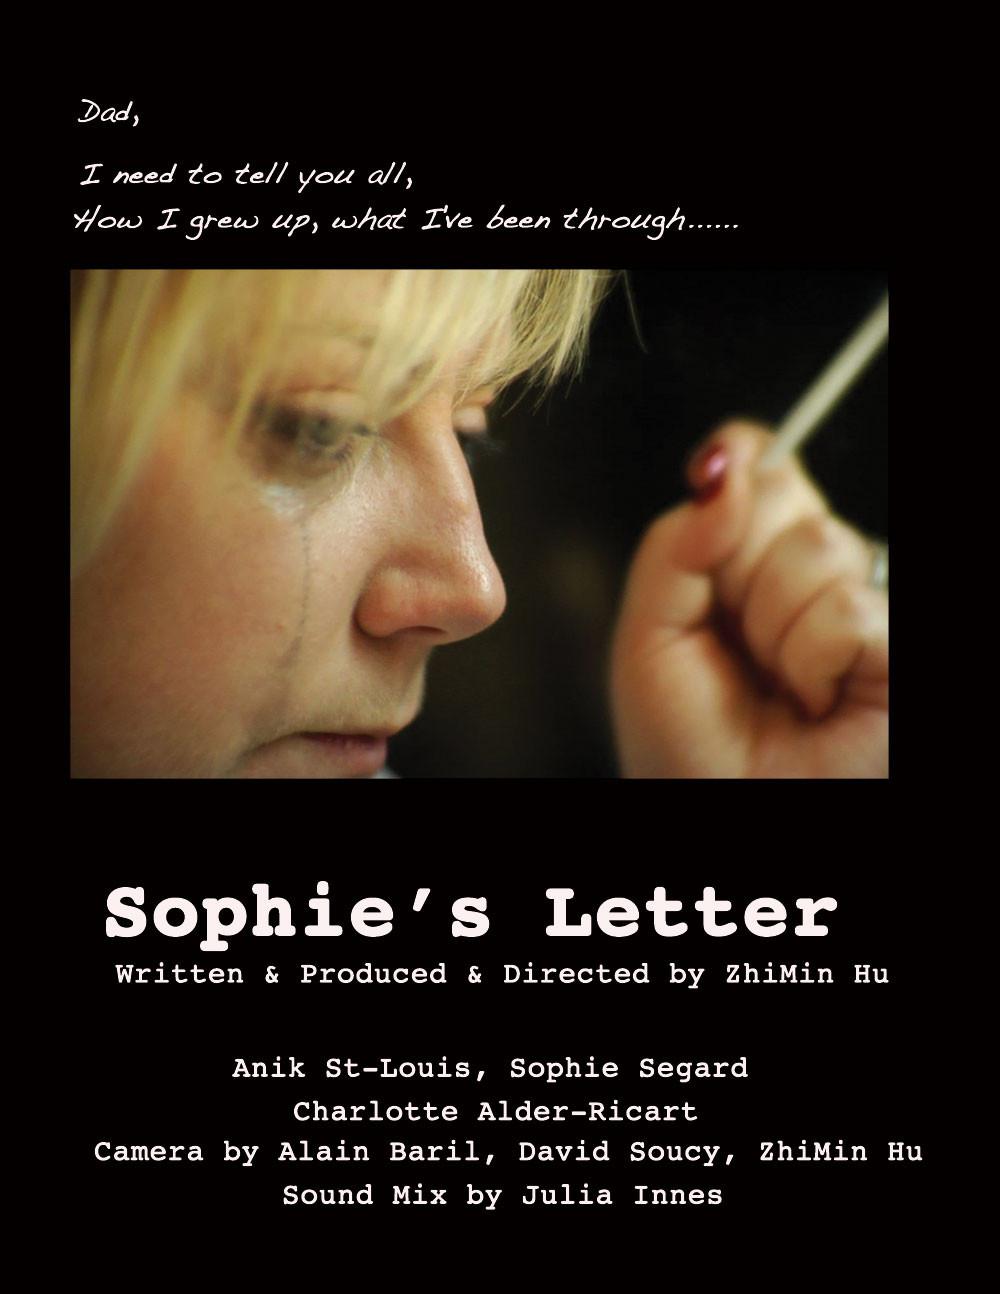 Sophie's-Letter-poster.jpg